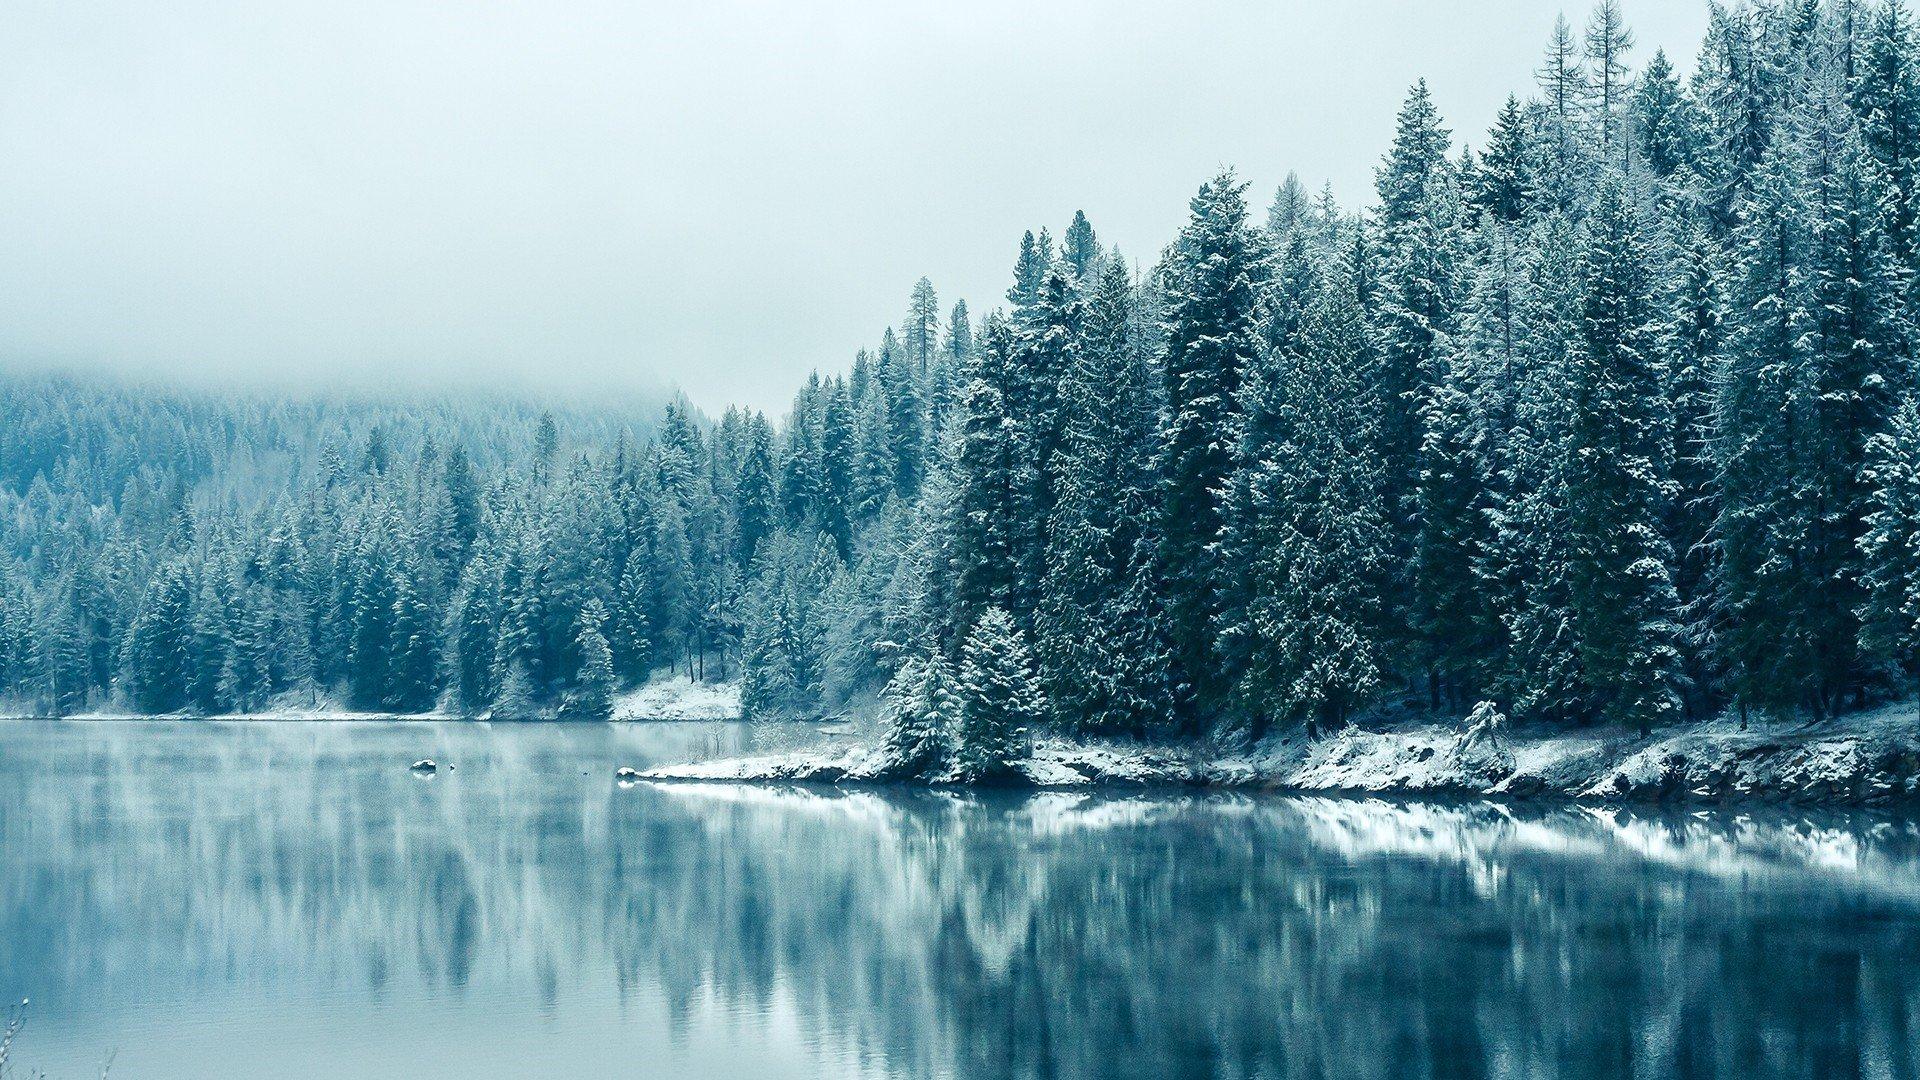 Fondo de pantalla de Bosque congelado Imágenes